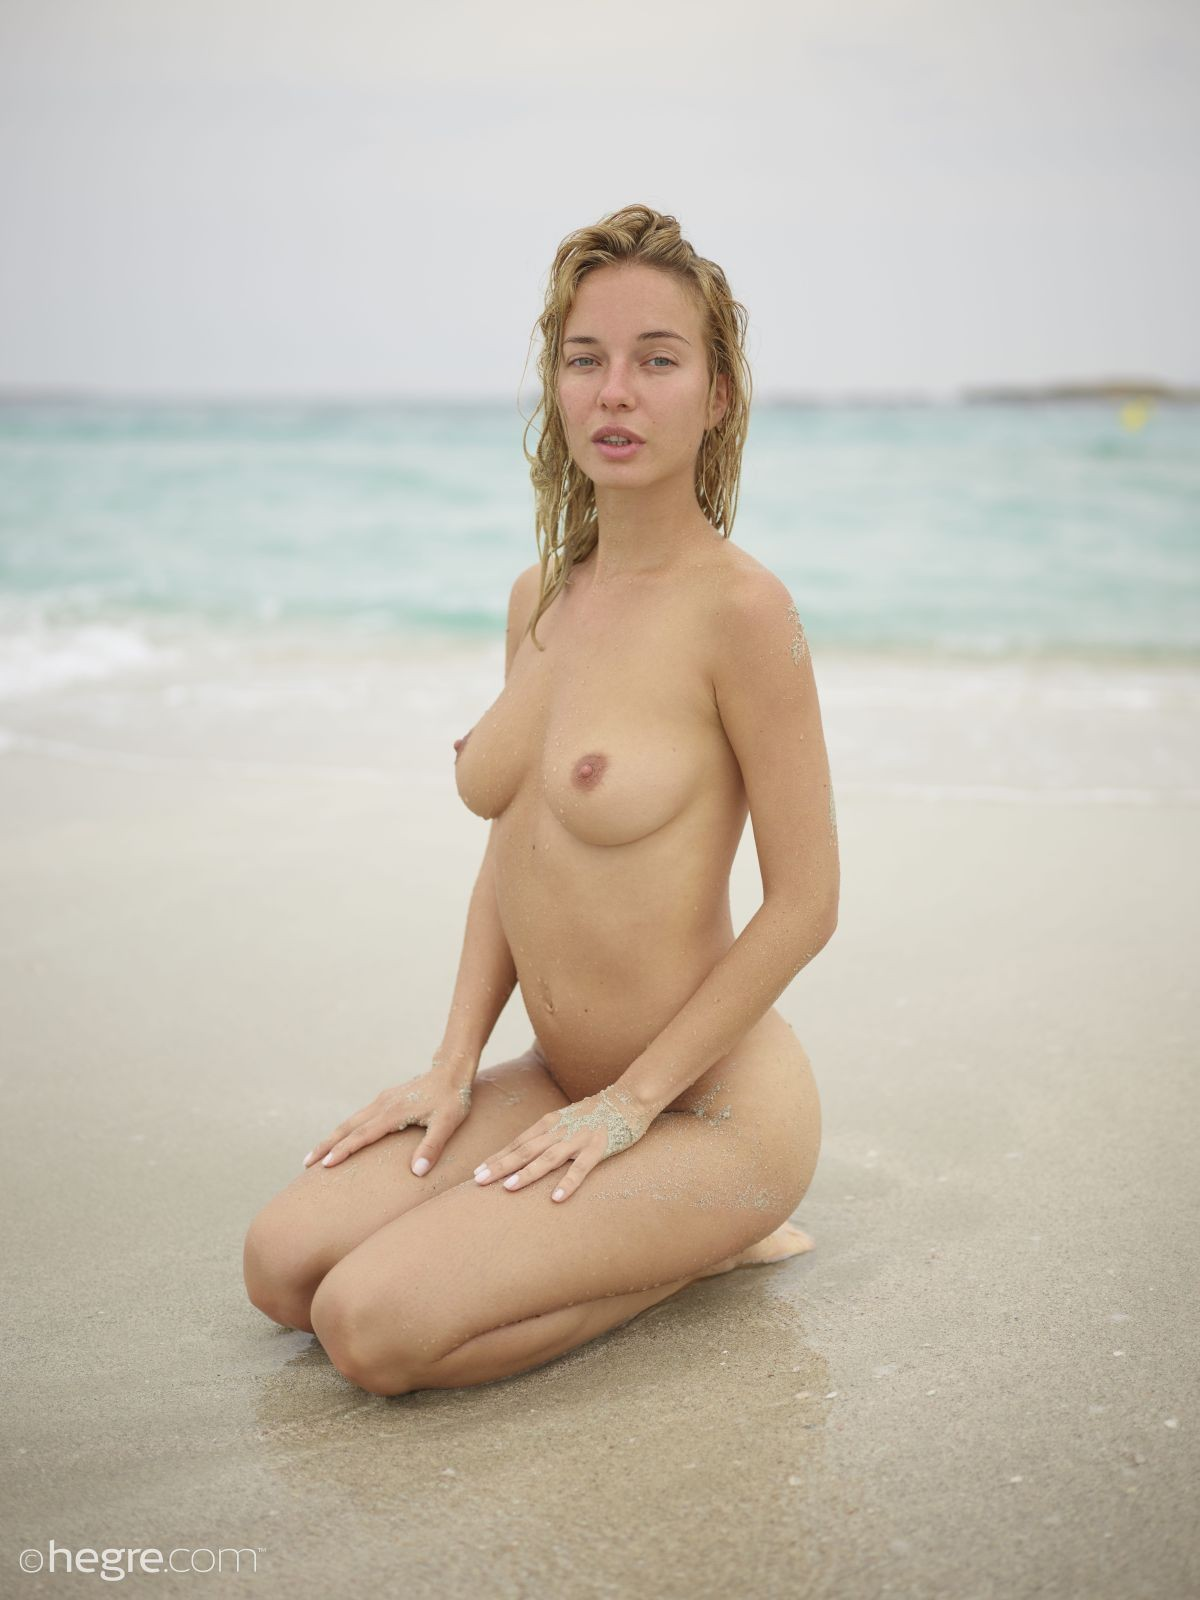 Деваха с анальной пробкой на пляже - фото